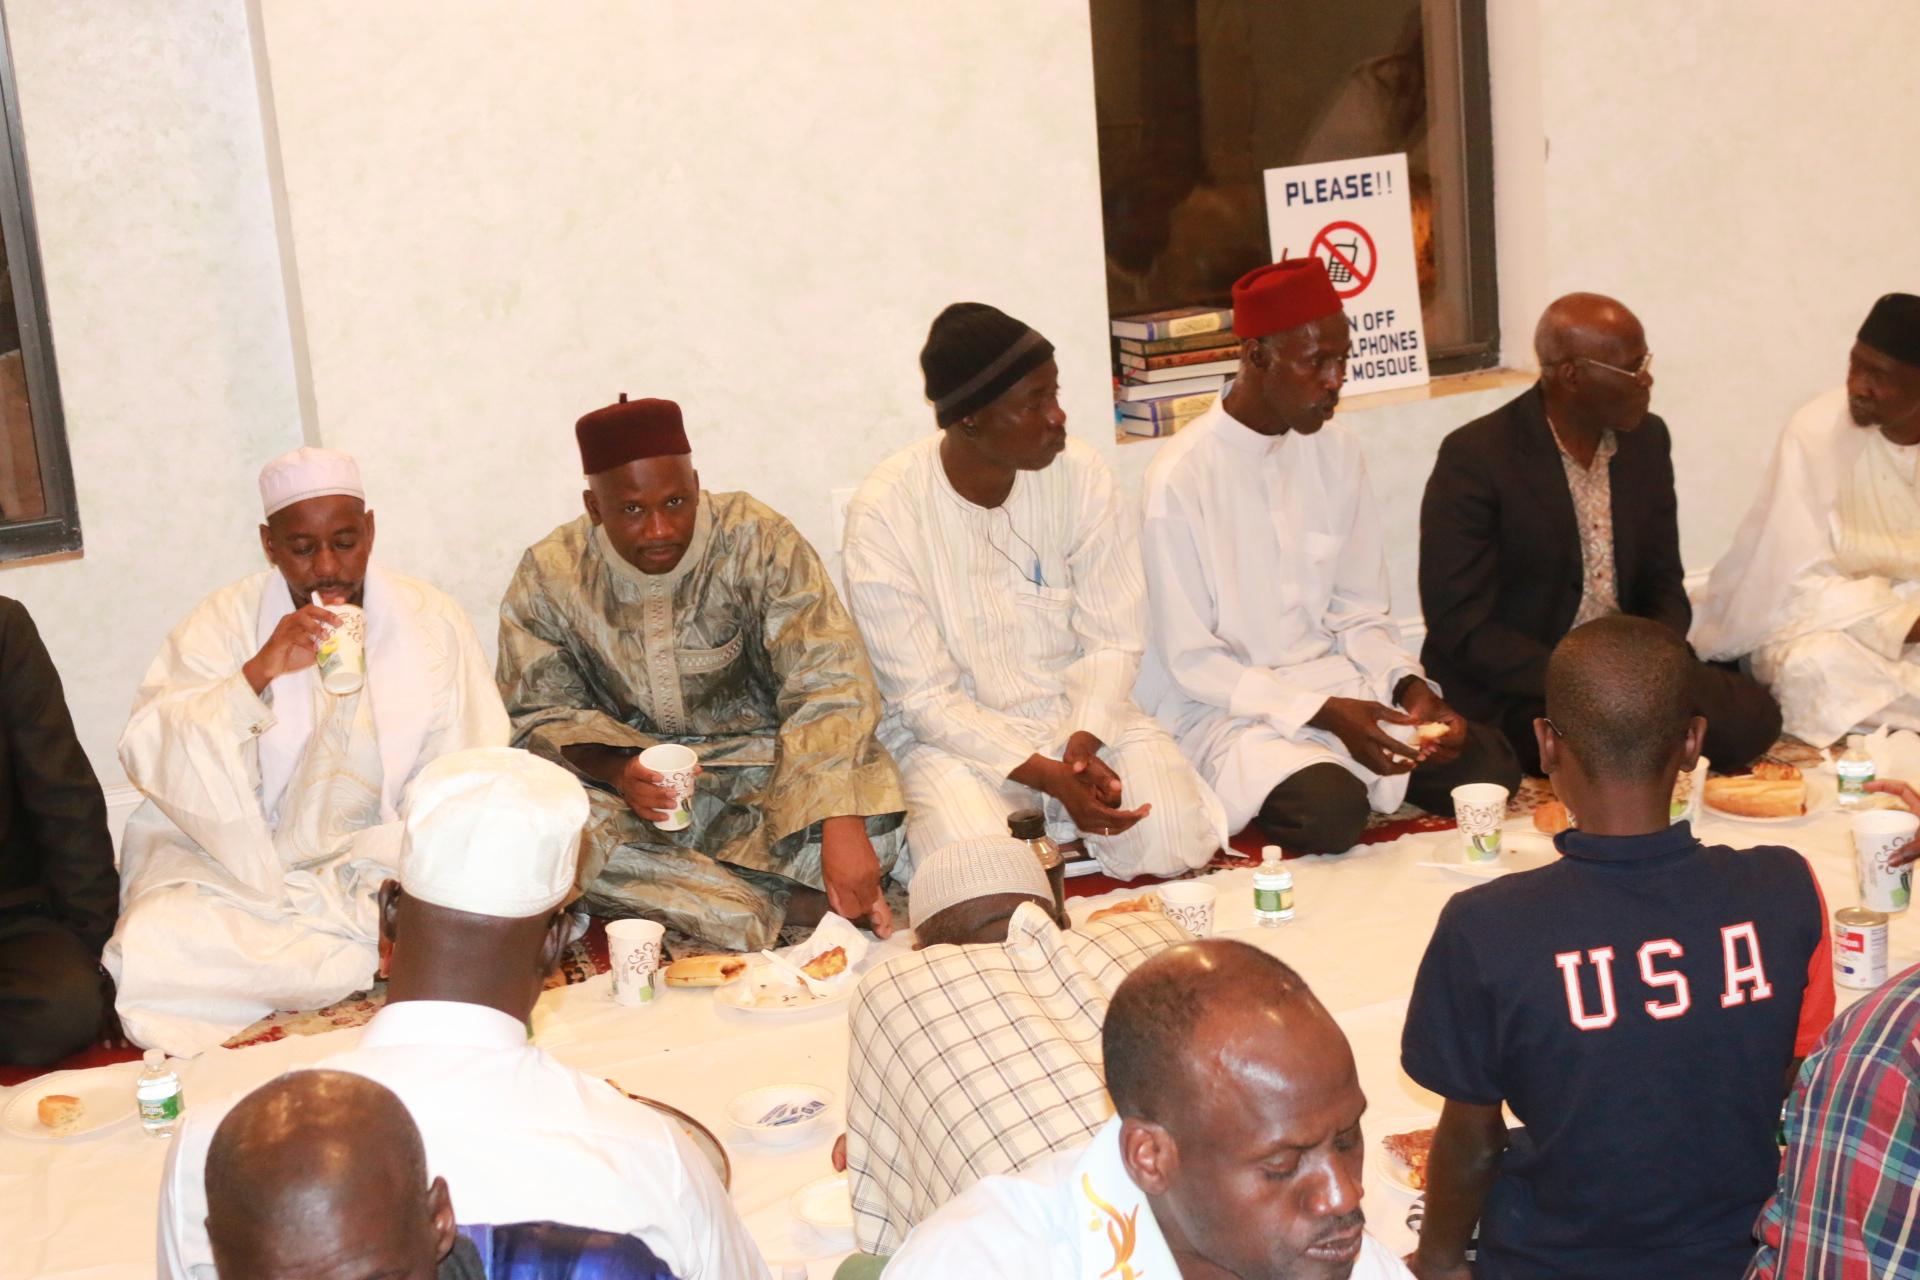 Imam Tafsirou Ly, imam Makhmoud Diack, Oustaz Souleymane Ndiaye